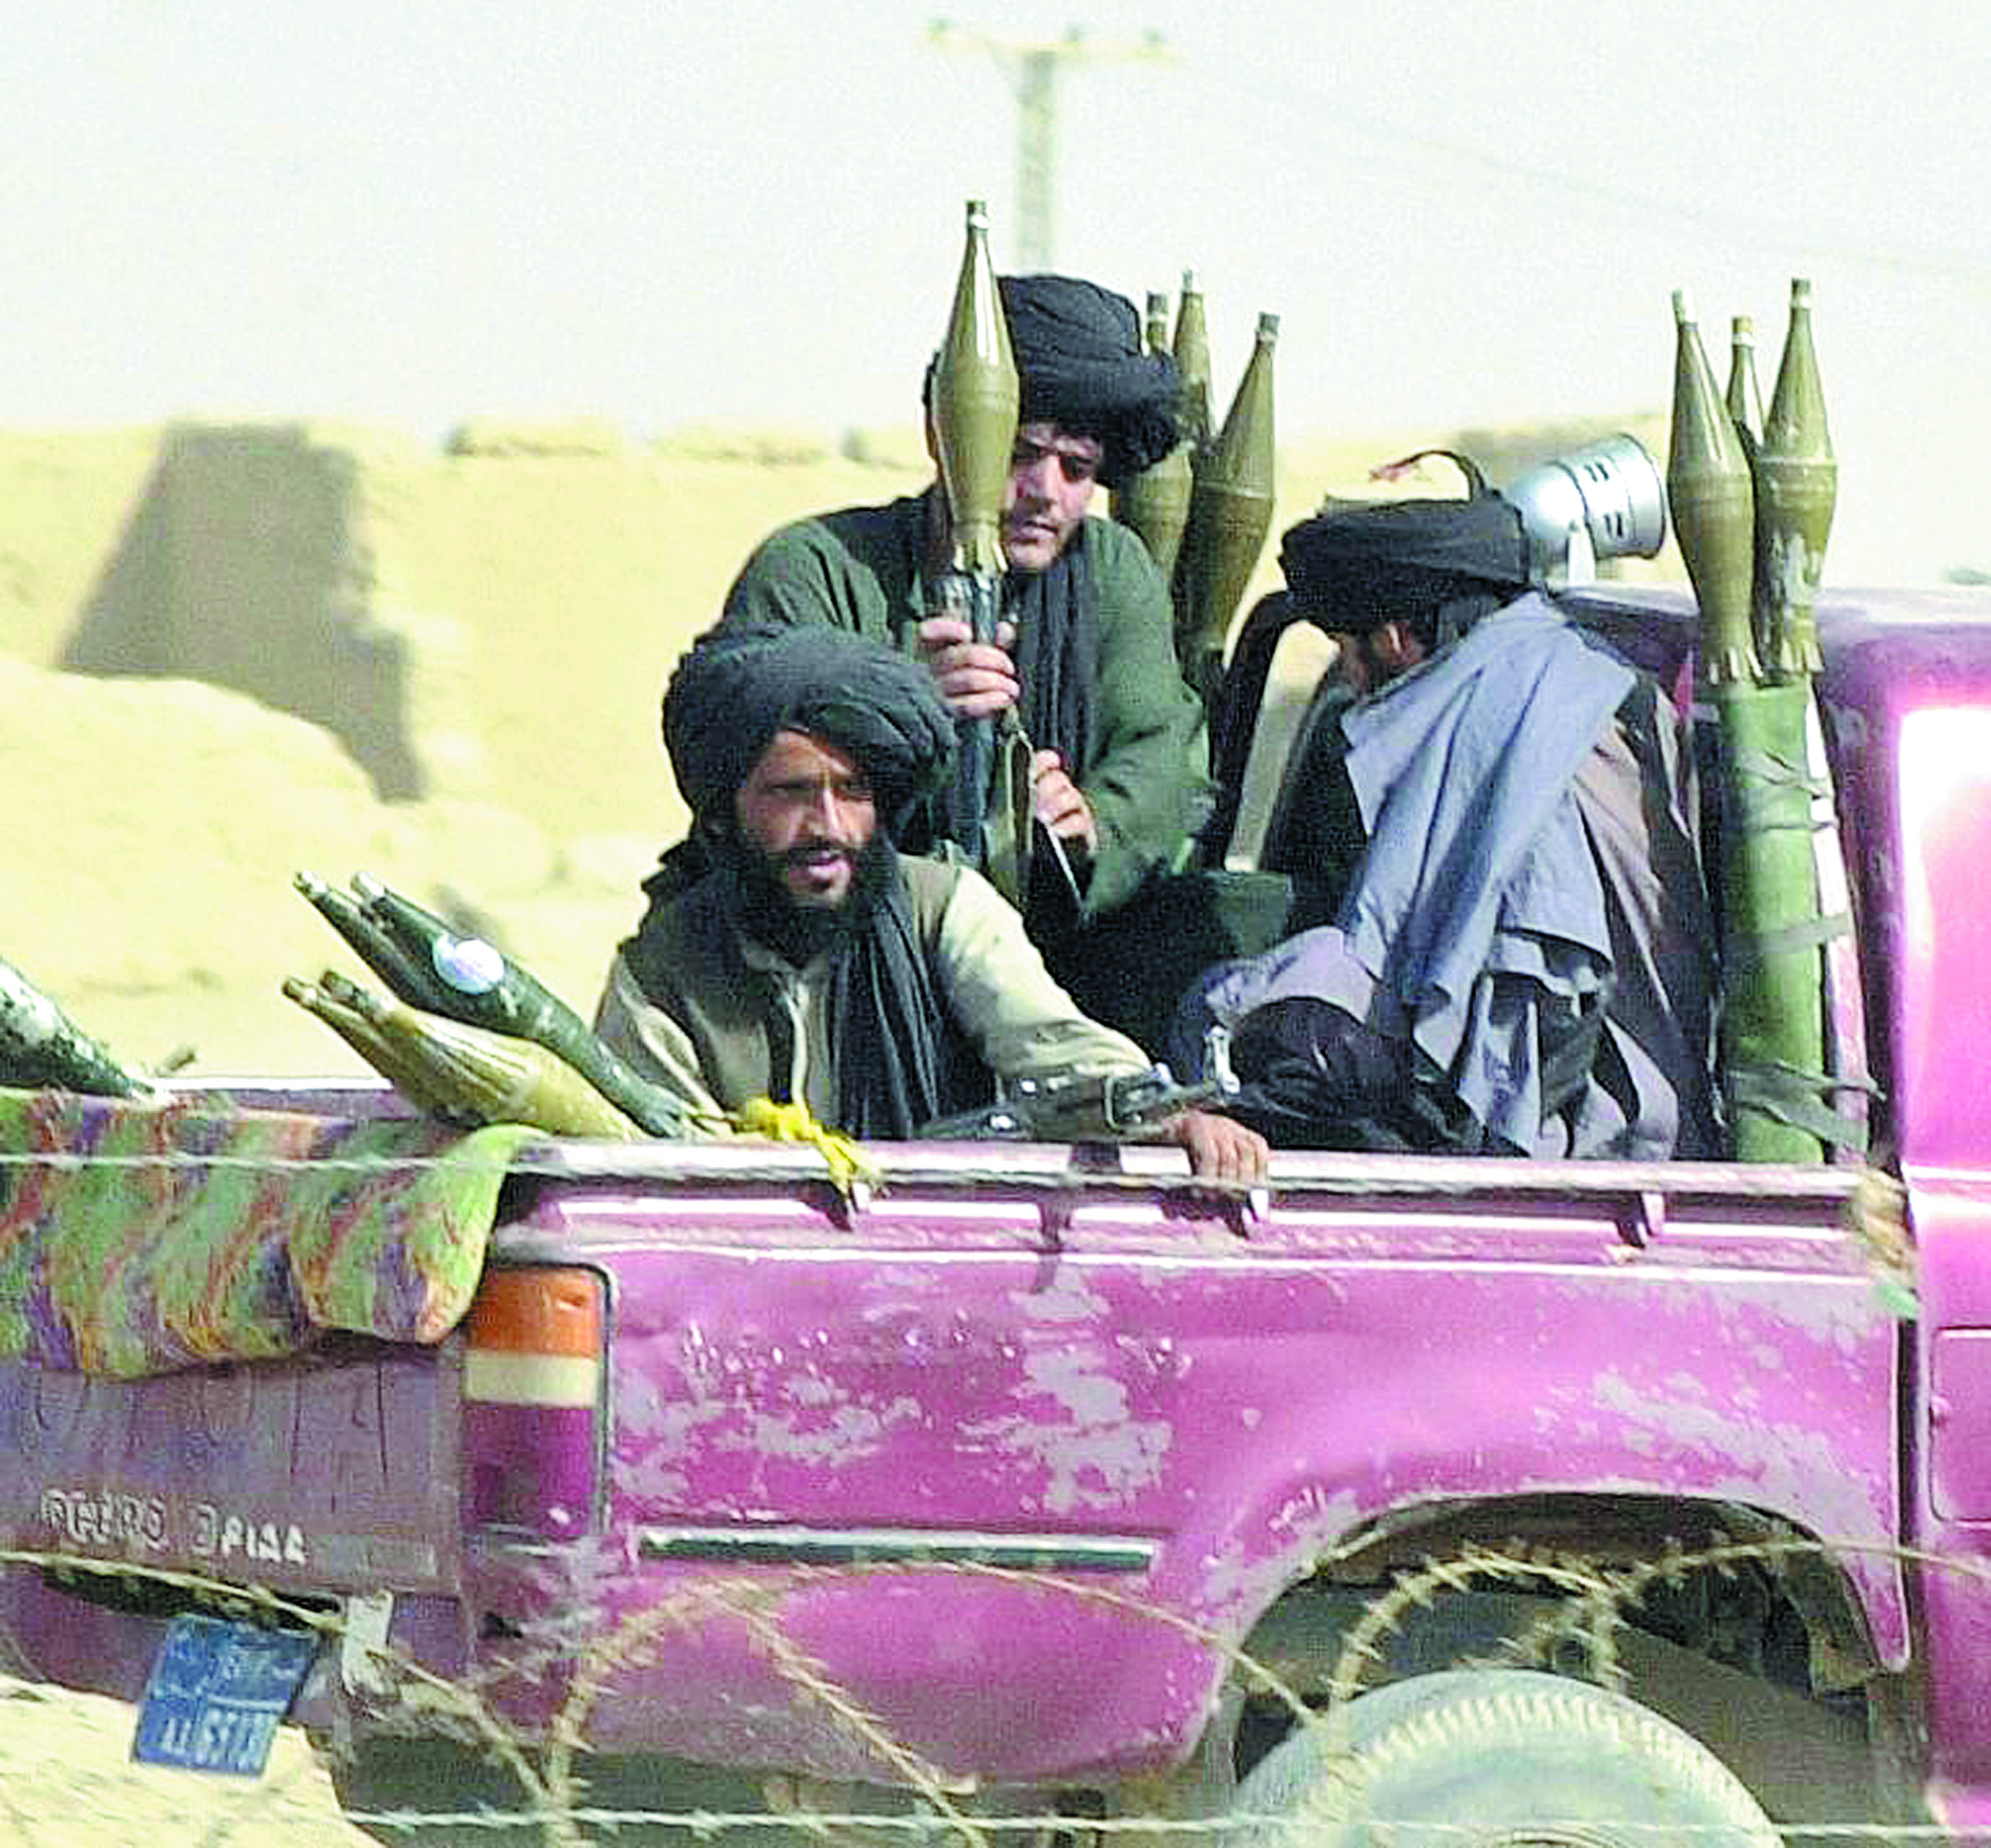 Le mollah Mansour, bras droit du mollah Omar, lui succède à la tête des Talibans afghans